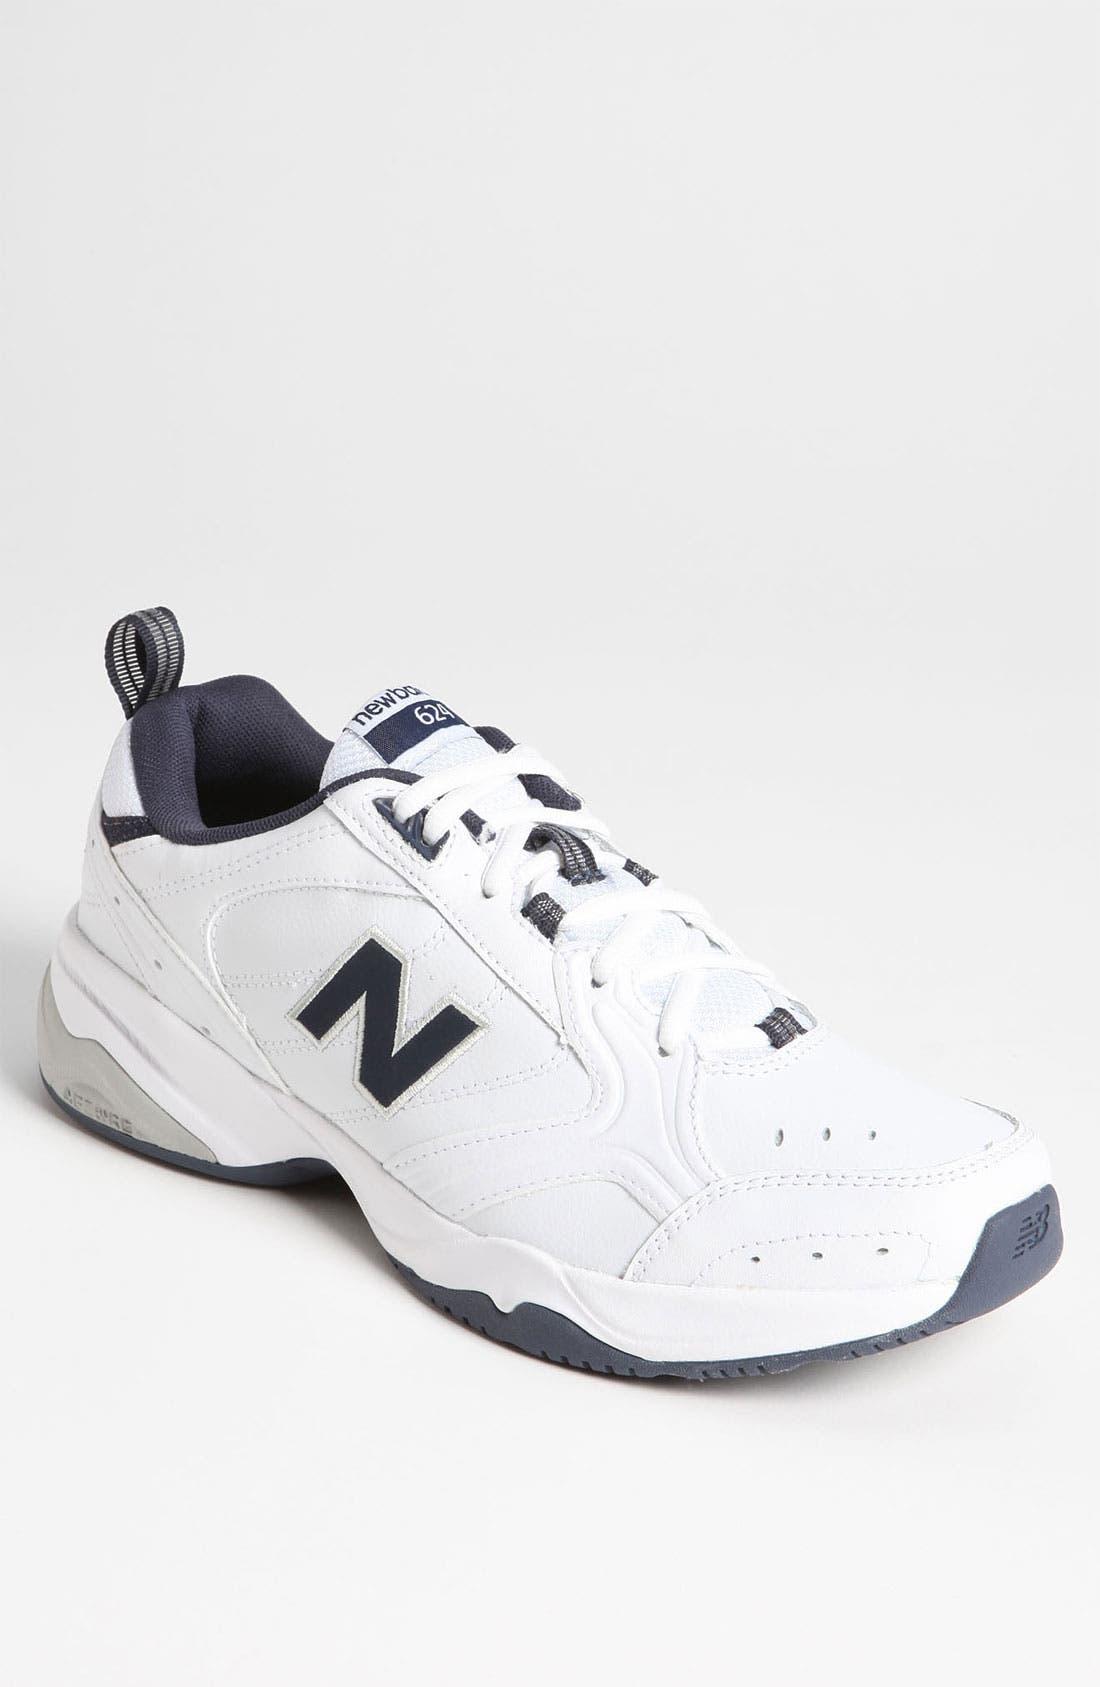 Alternate Image 1 Selected - New Balance '624' Training Shoe